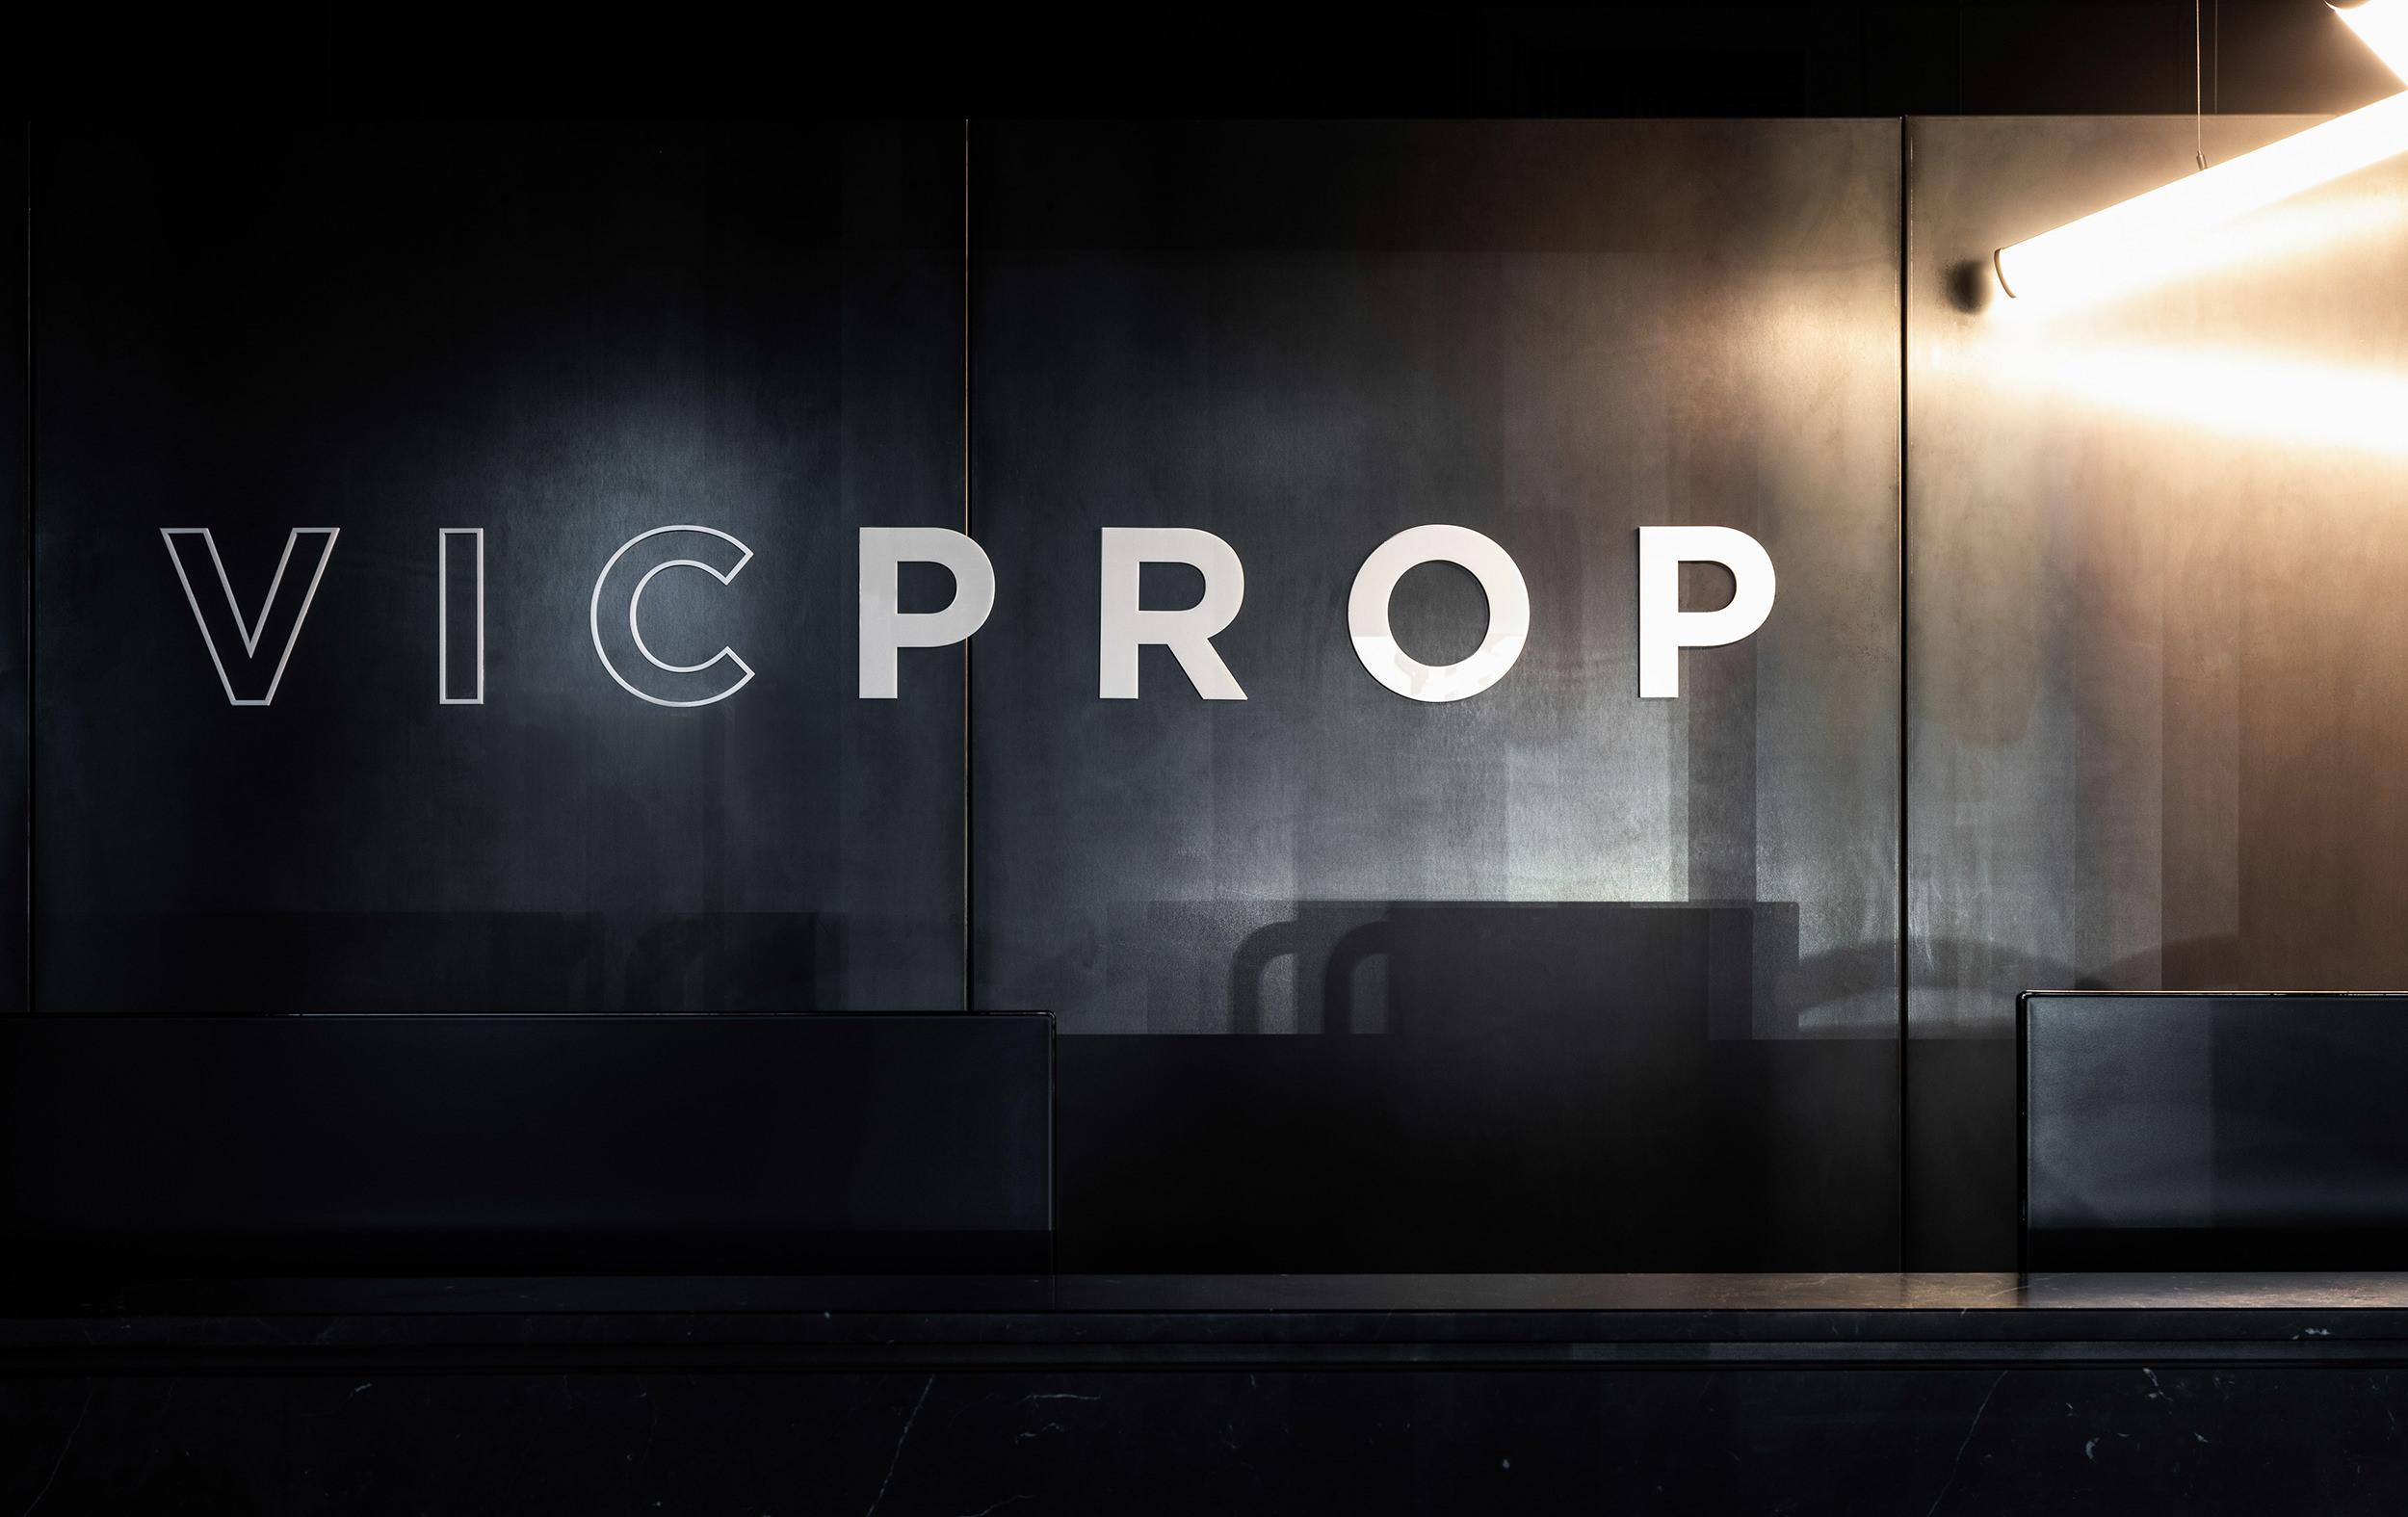 VicPropHR-24.jpg